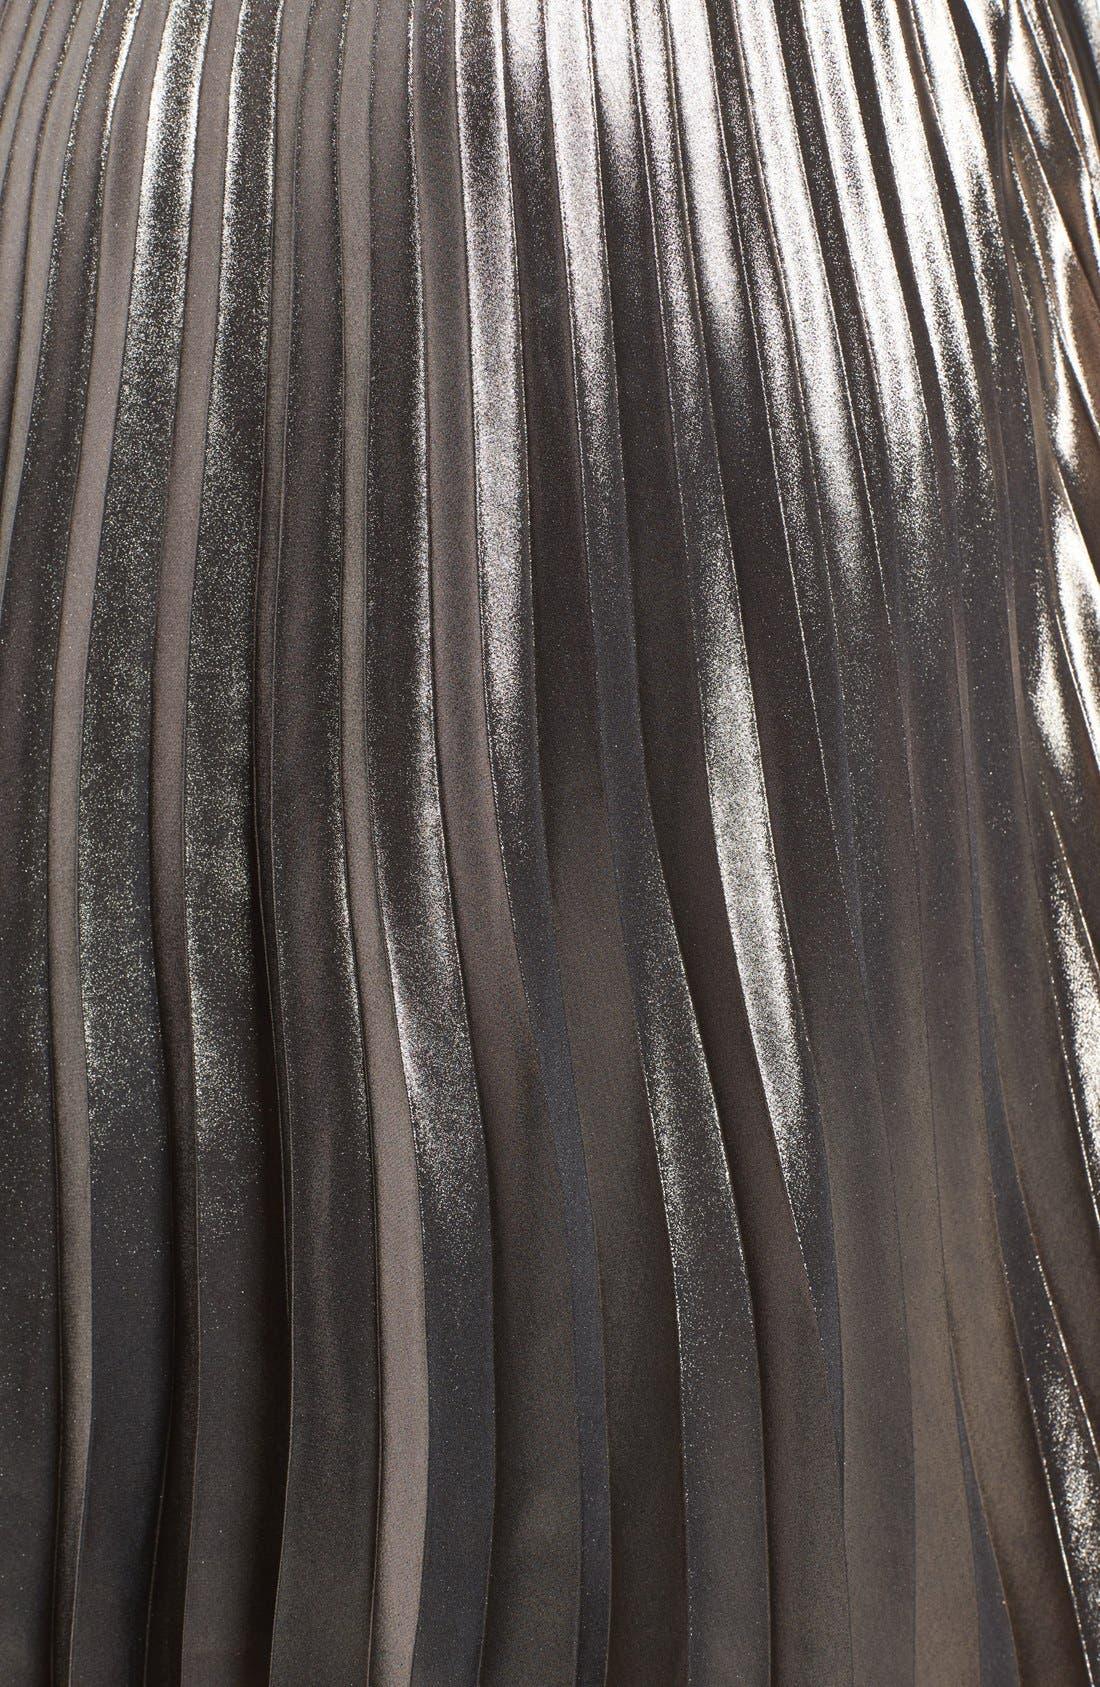 ASTR THE LABEL, ASTR Celeste Pleated Skirt, Alternate thumbnail 6, color, 224